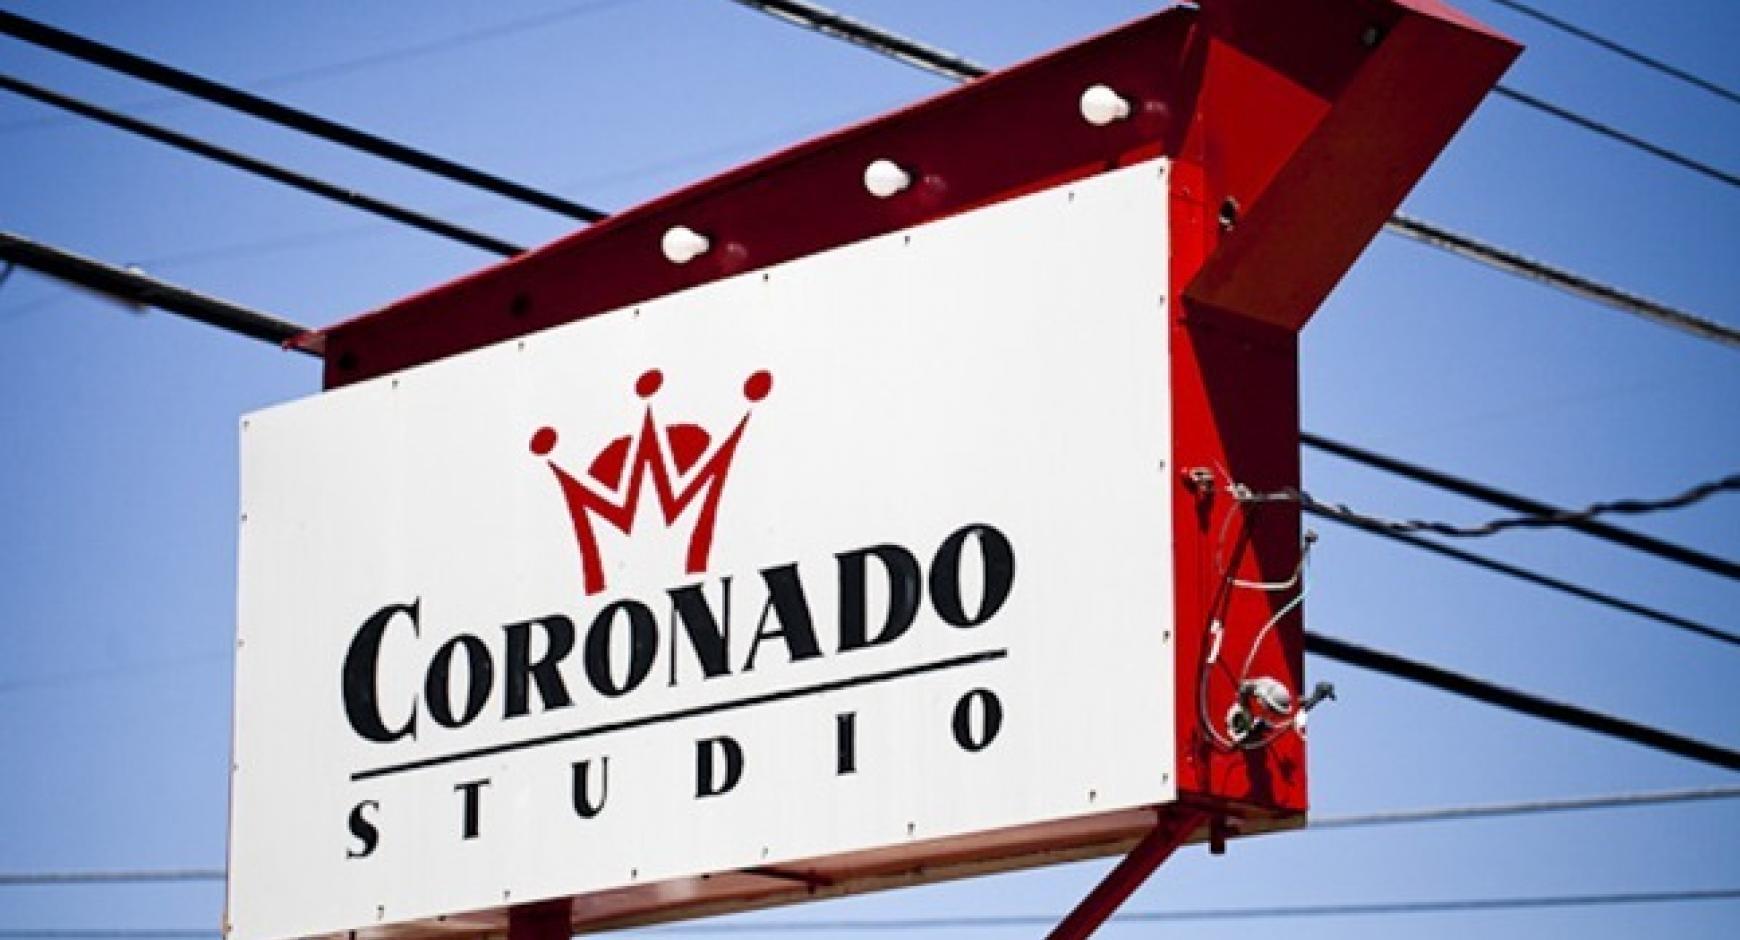 Coronado Studio Sign